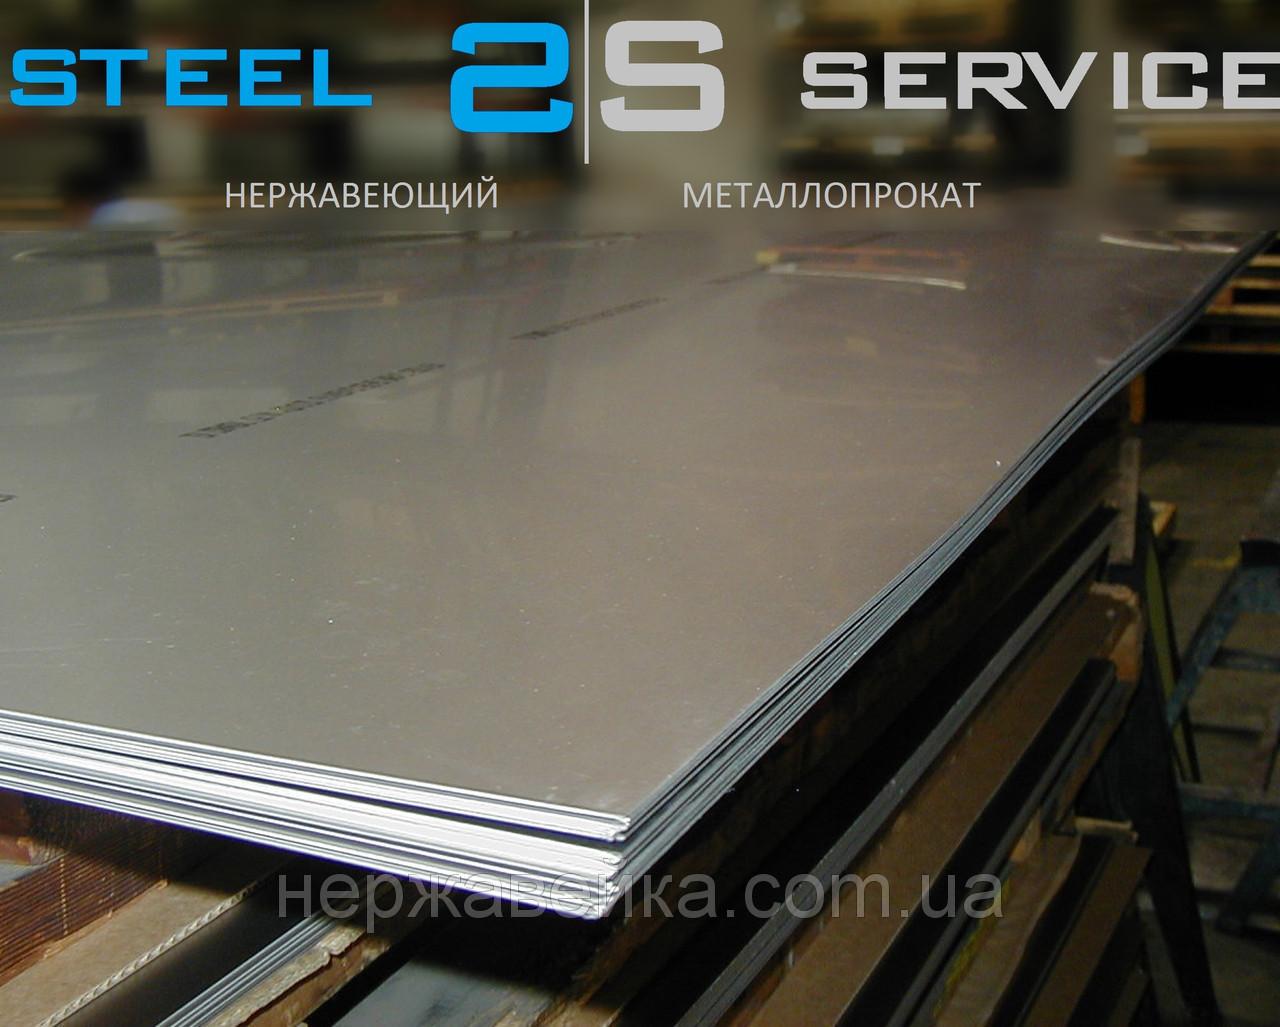 Нержавеющий лист 6х1250х2500мм  AISI 309(20Х23Н13, 20Х20Н14С2) F1 - горячекатанный,  жаропрочный